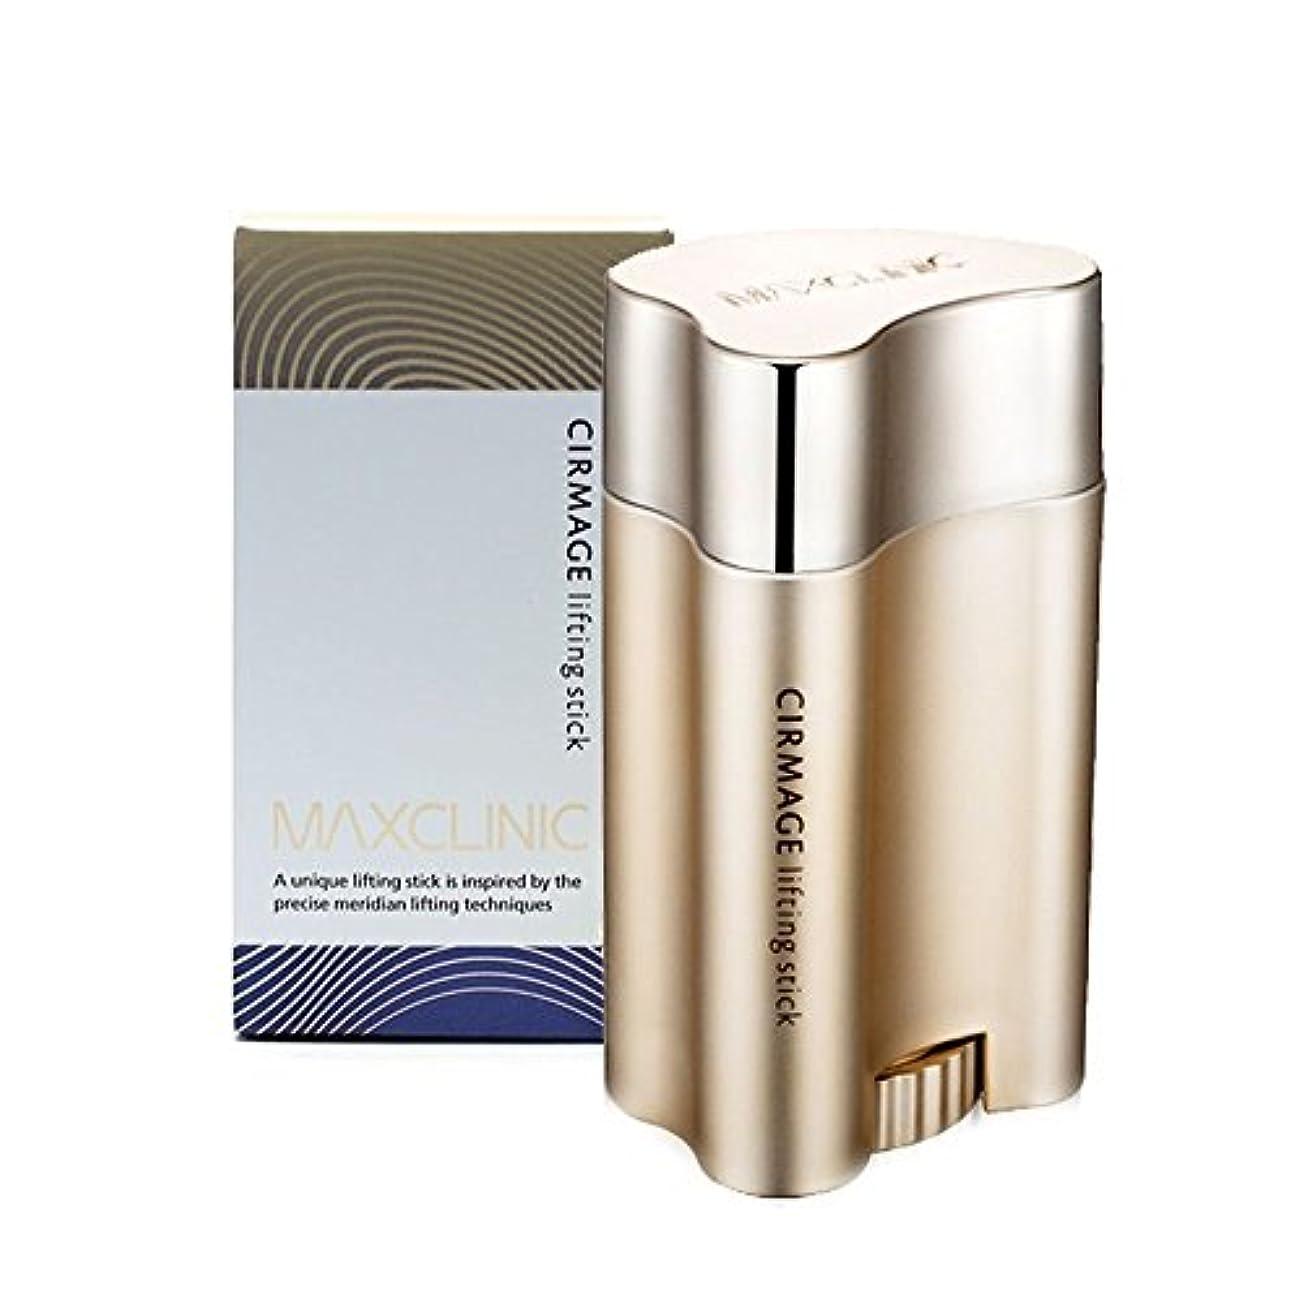 クスコ大西洋差別化するMAXCLINIC マックスクリニック サーメージ リフティング スティック 23g(Cirmage Lifting Stick 23g)/Direct from Korea/w free Gift Sample [並行輸入品]